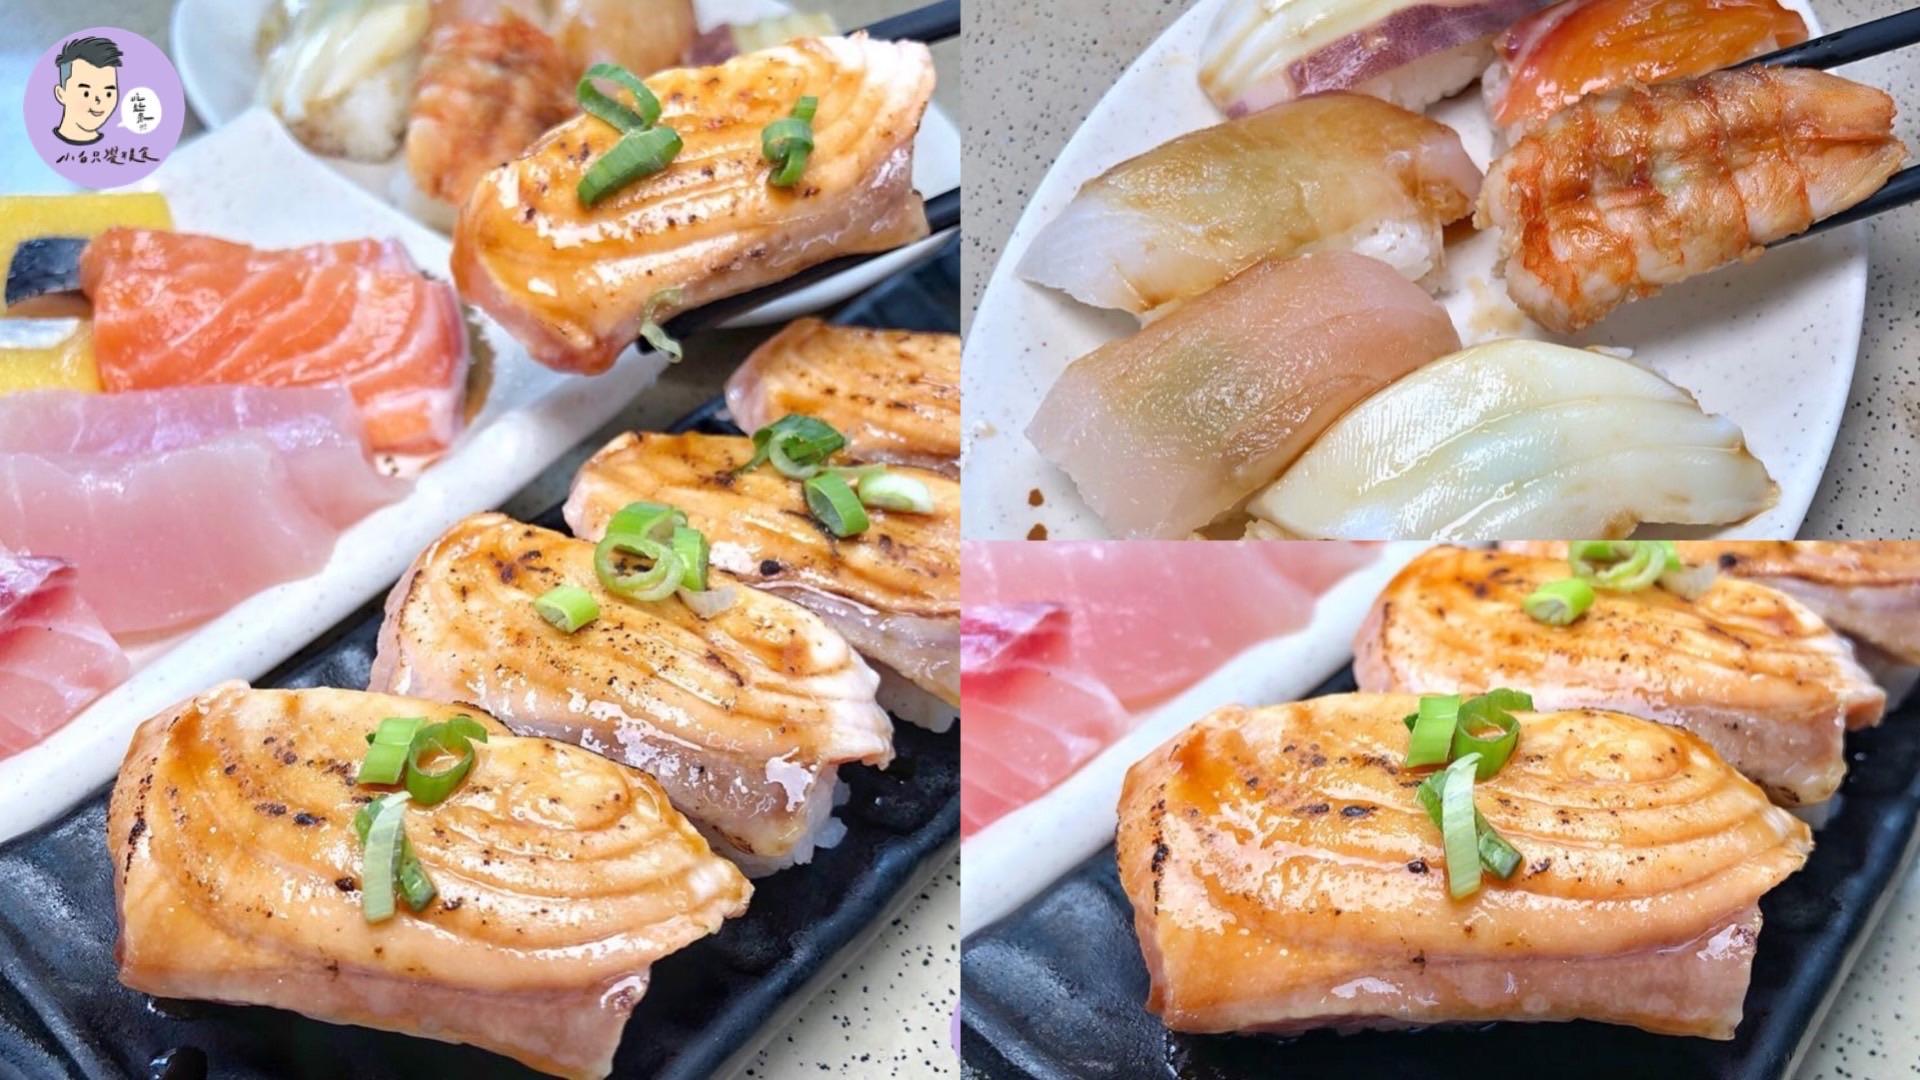 【嘉義美食】嘉義人氣平價日式料理!握壽司/生魚片多樣選擇 也有賣素食唷 – 體育館壽司|嘉義火車站